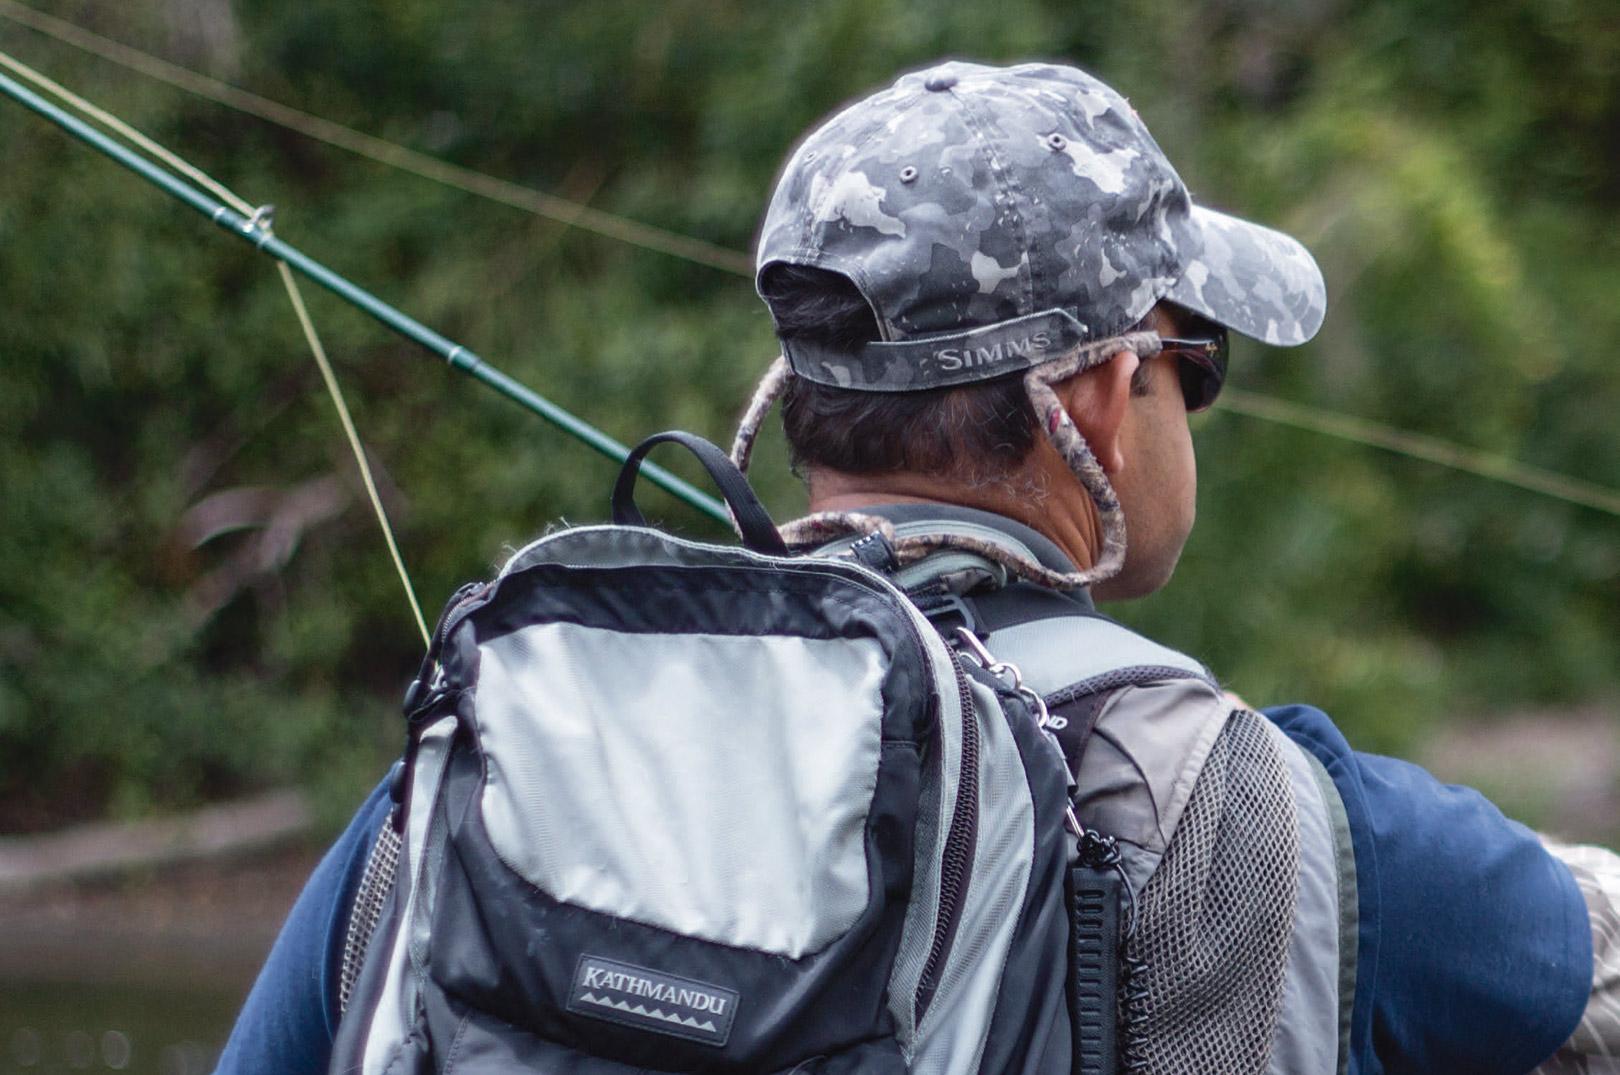 Med over tyve års erfaring som fluefiskerguide, et par verdensmesterskaber i fluefiskeri i nettet og et godt humør, er Rob en af de absolut bedste fluefiskeguider, du finder på New Zealands Nordø.